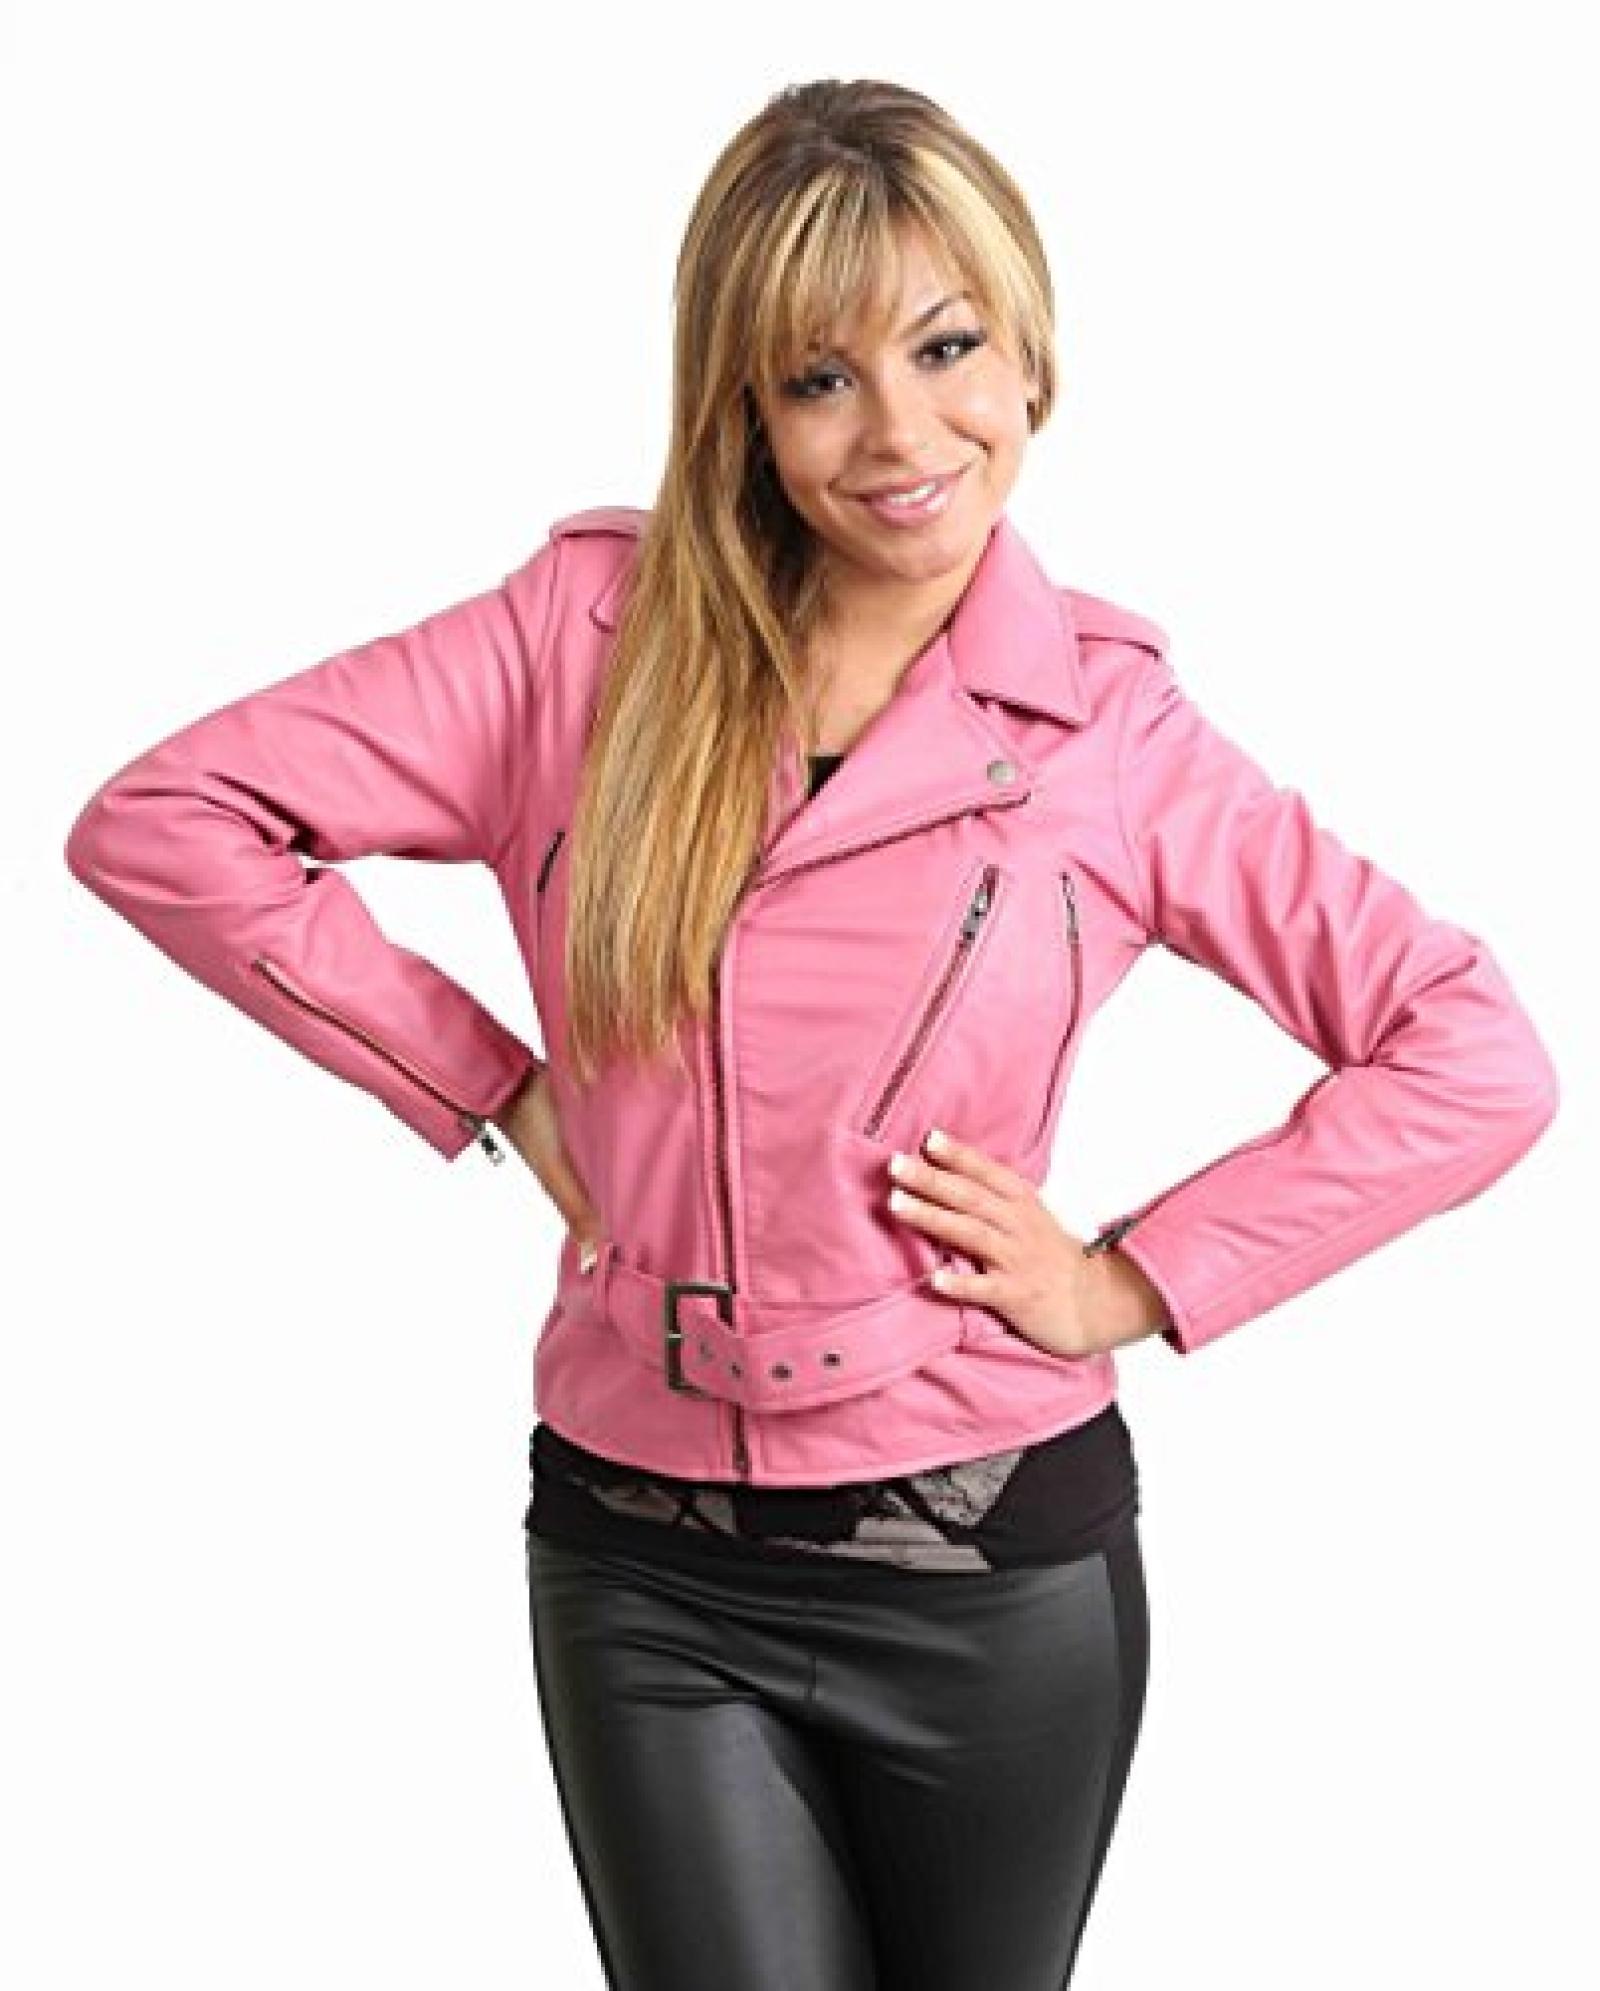 NEU AKTUELLE Damen kurze Biker Lederjacke für Frauen ABBI Pink Rosa